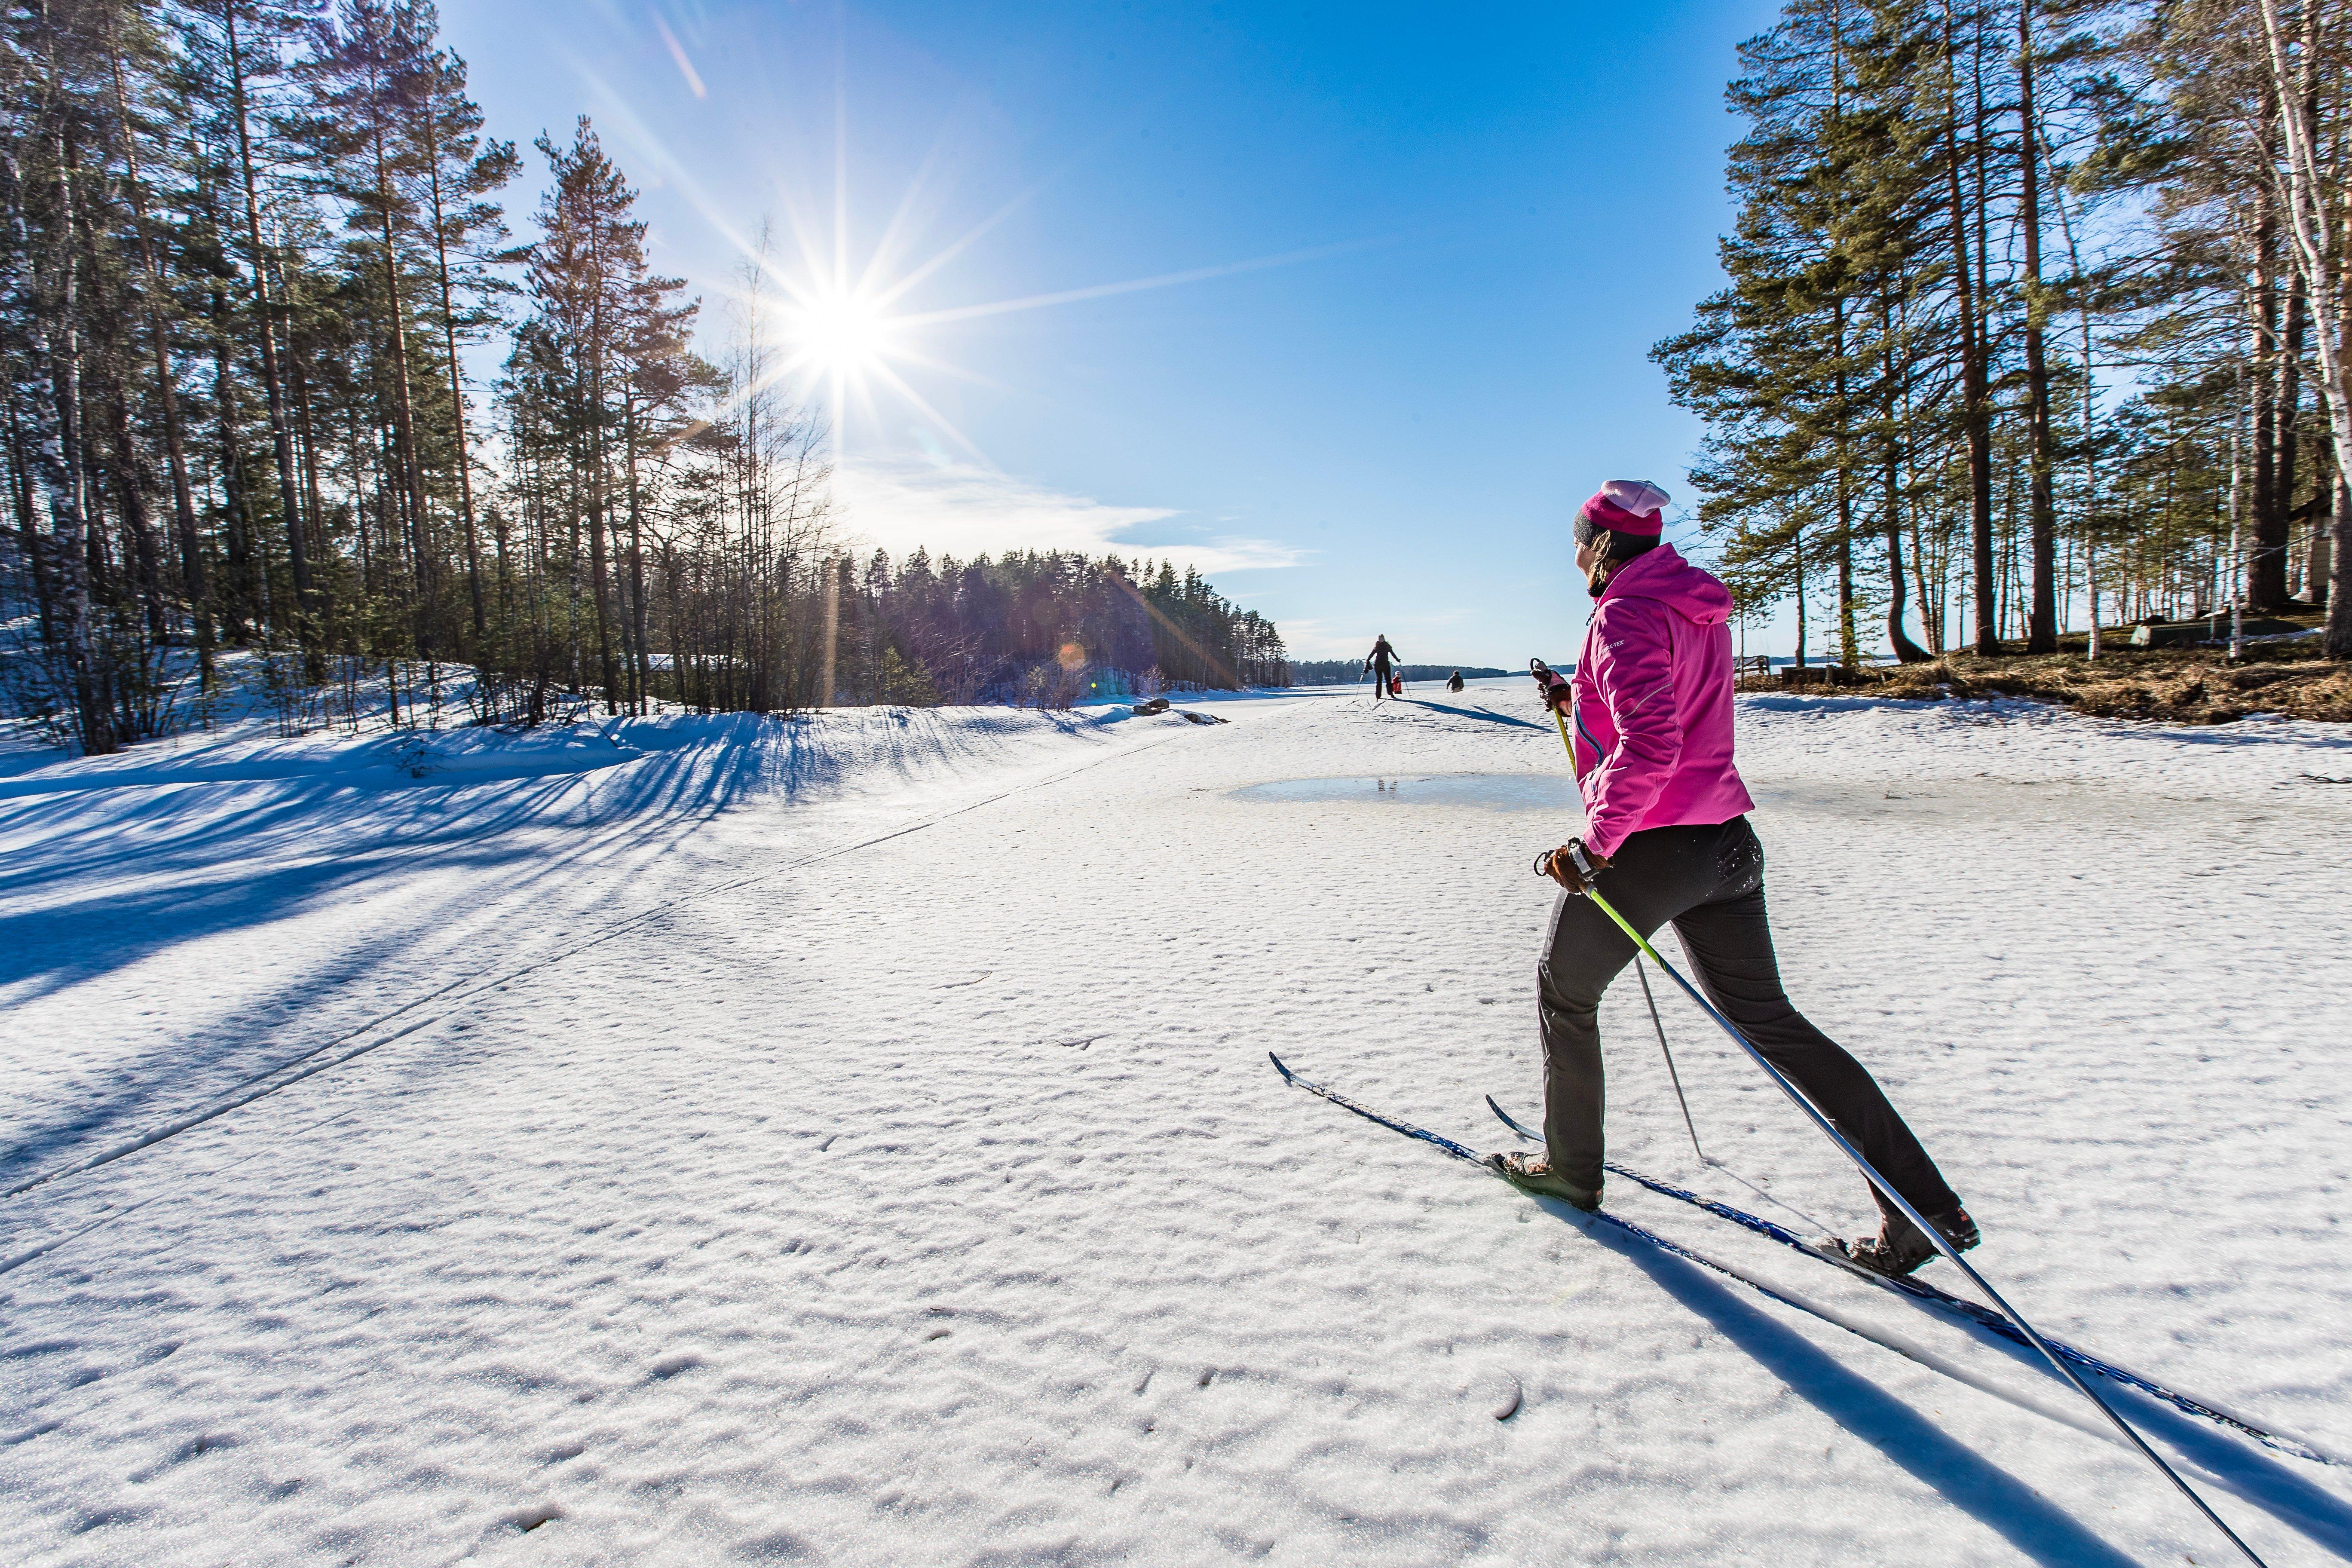 Finland_Imatra_0419__H1I8322Mikko Nikkinen-1